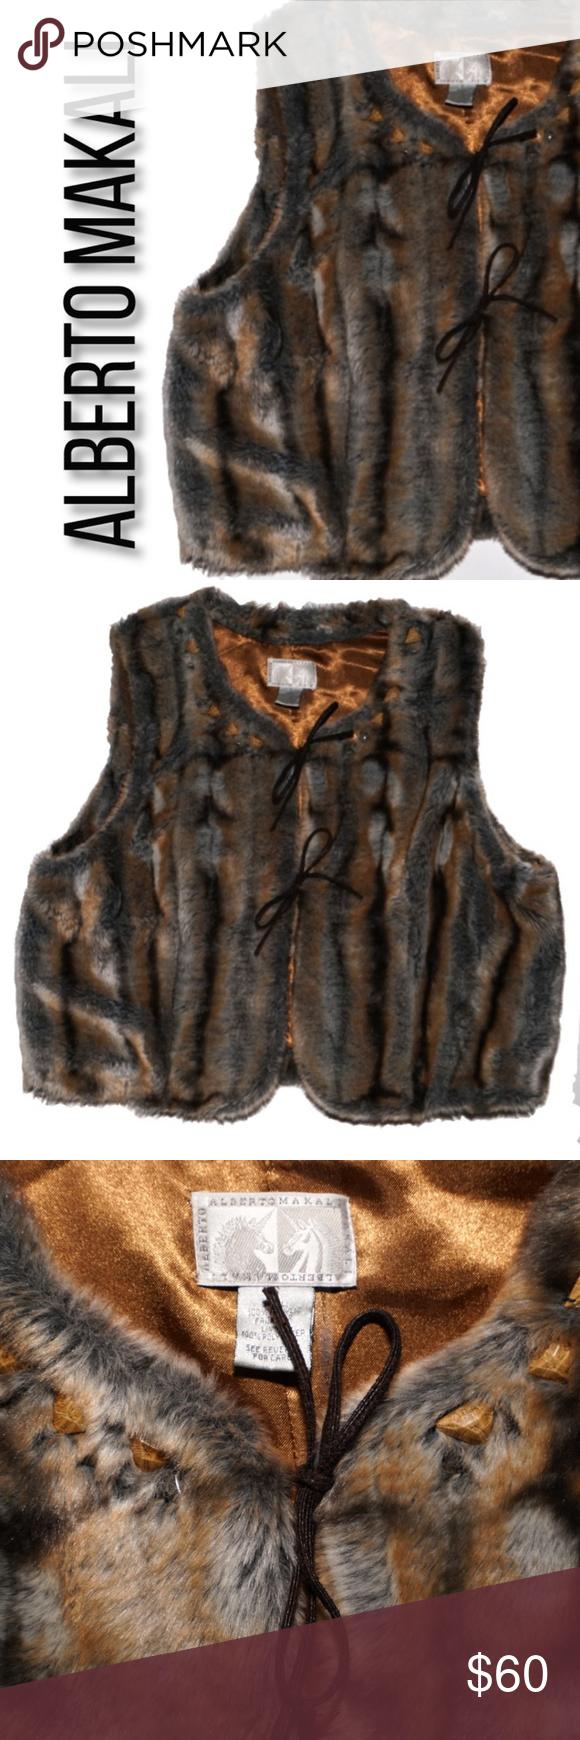 Alberto makali faux fur vest s alberto makali faux fur vest s